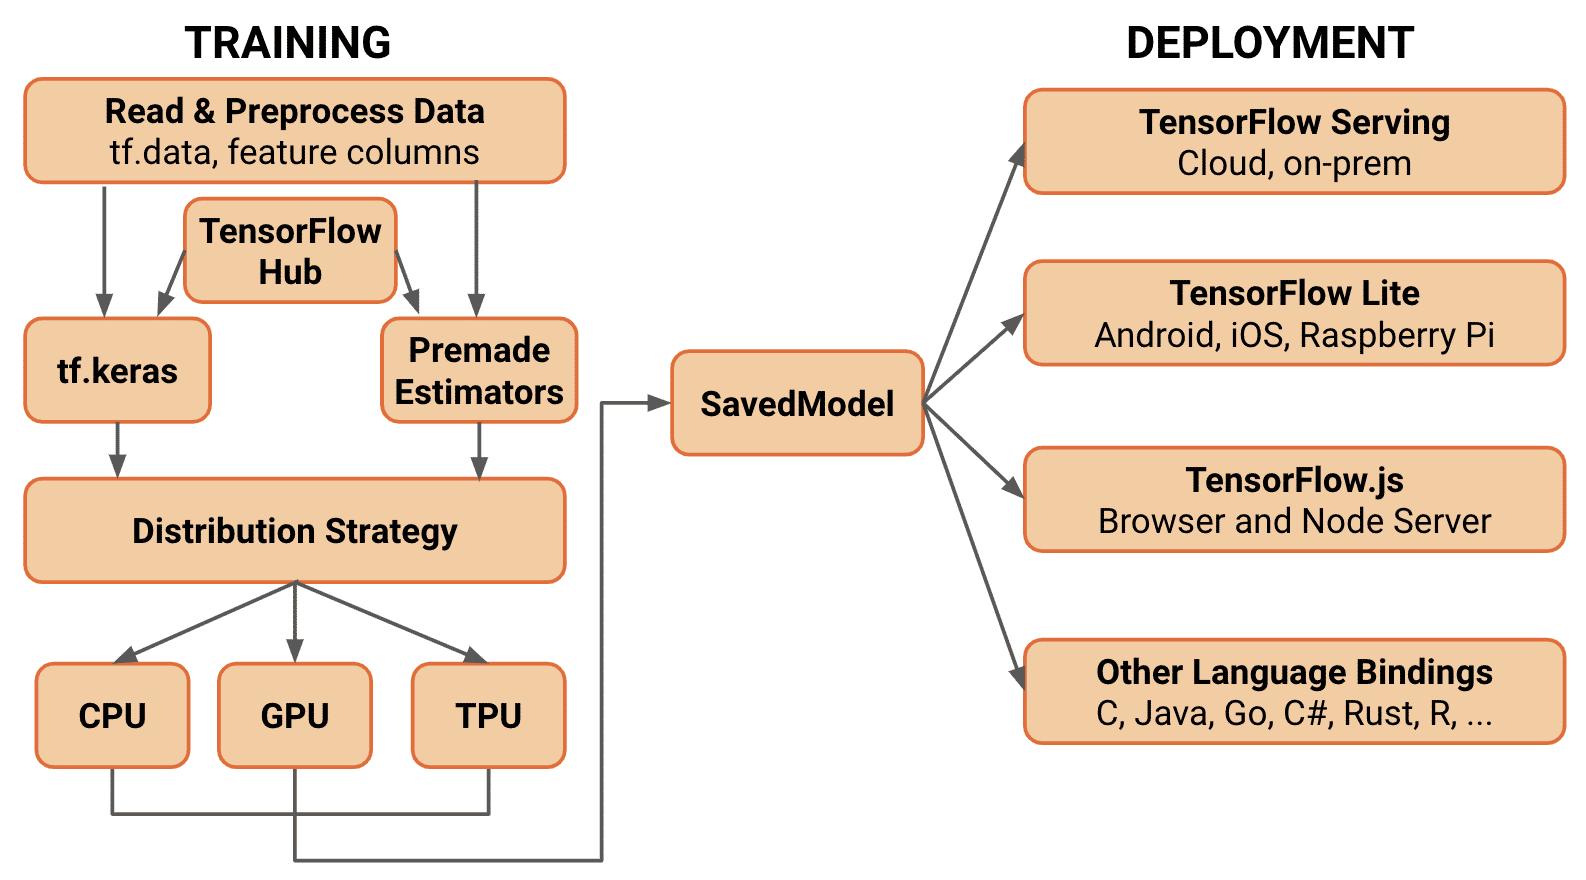 Das Architekturdiagramm von TF 2.0 sieht unterschiedliche Ziele zum Verteilen der Modelle vor, darunter Embedded Devices mit TF Lite und Browser mit TensorFlow.js